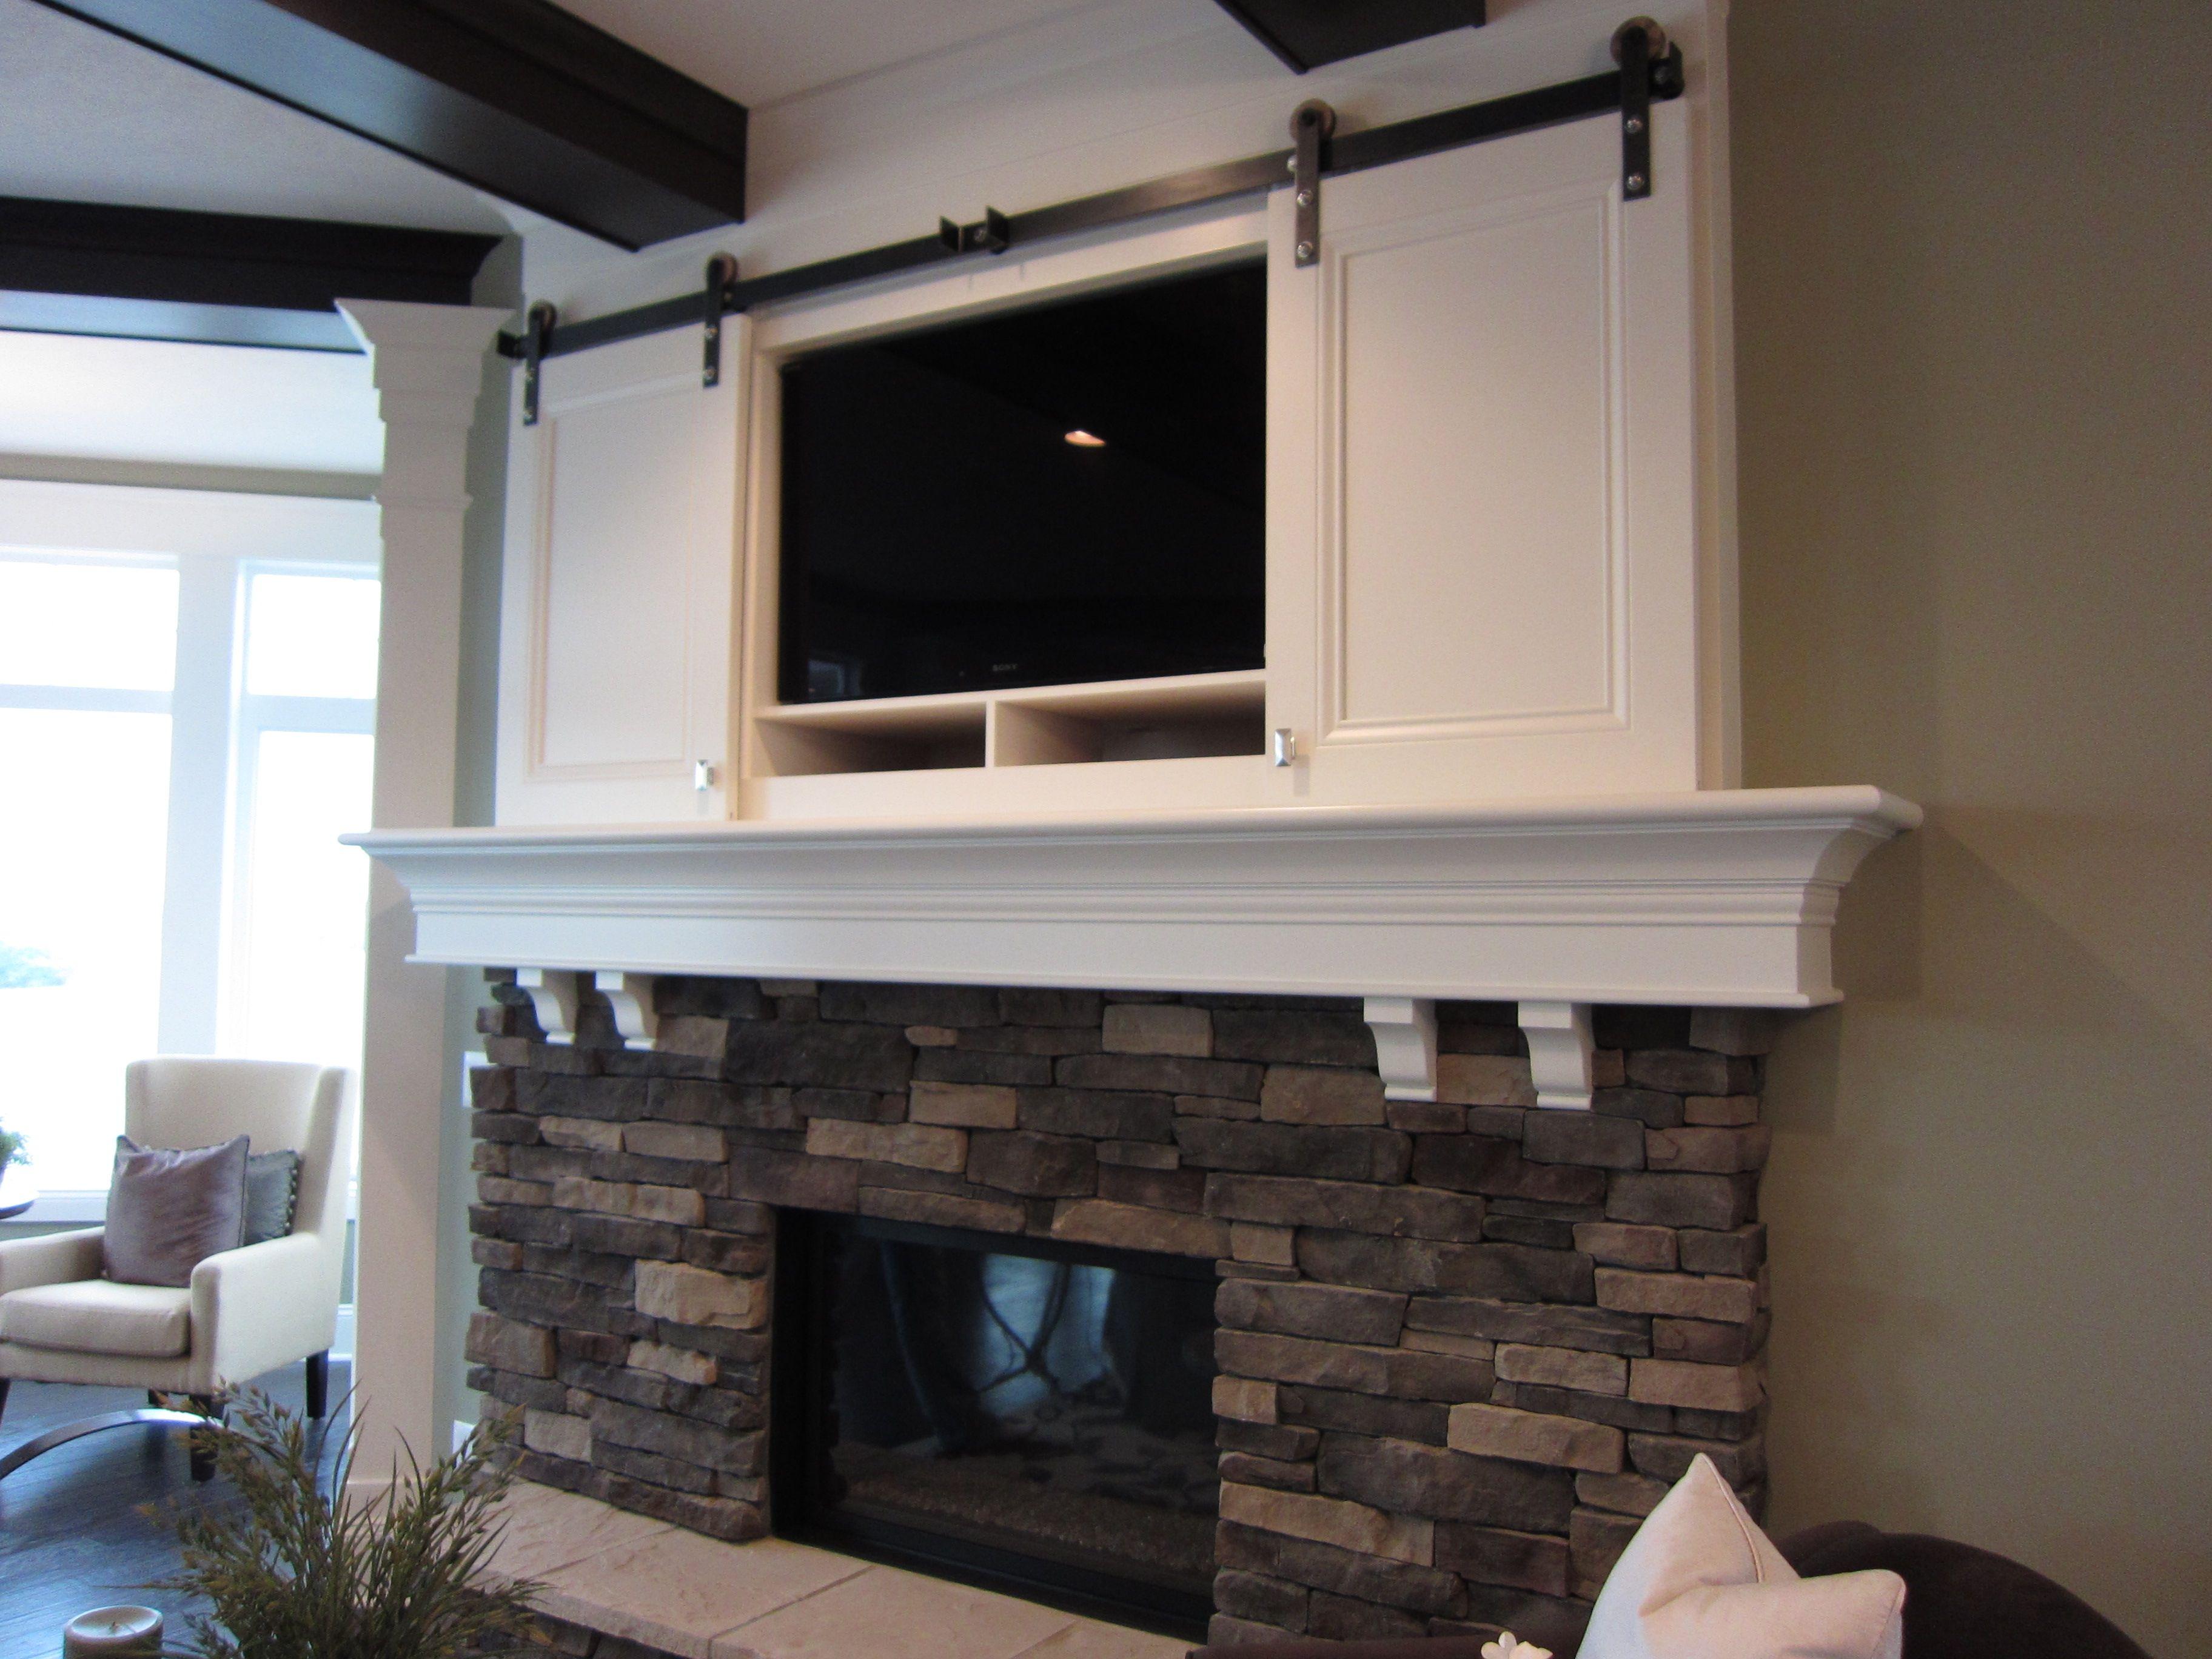 Fireplace Sand Lovely Fireplace Tv Mantel Ideas Best 25 Tv Above Fireplace Ideas